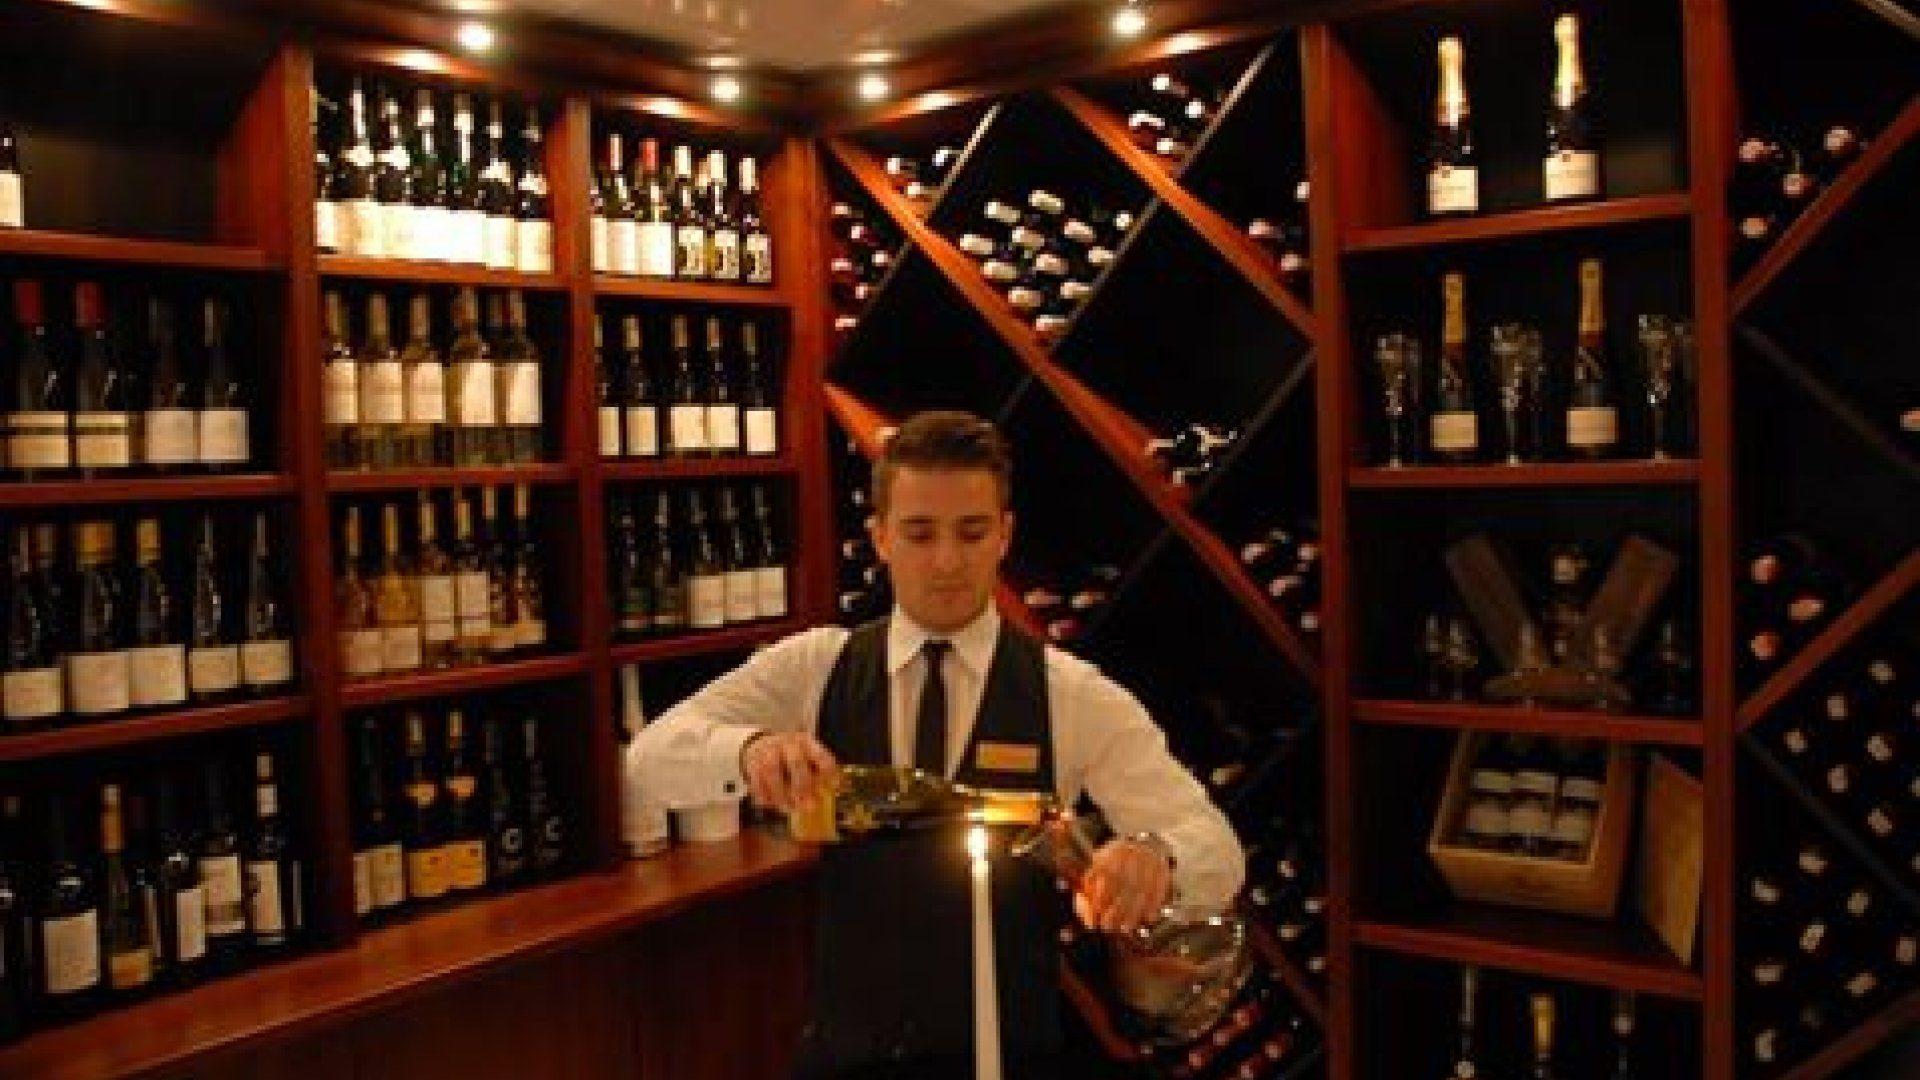 Otwarcie winiarni w restauracji Chapeau Bas